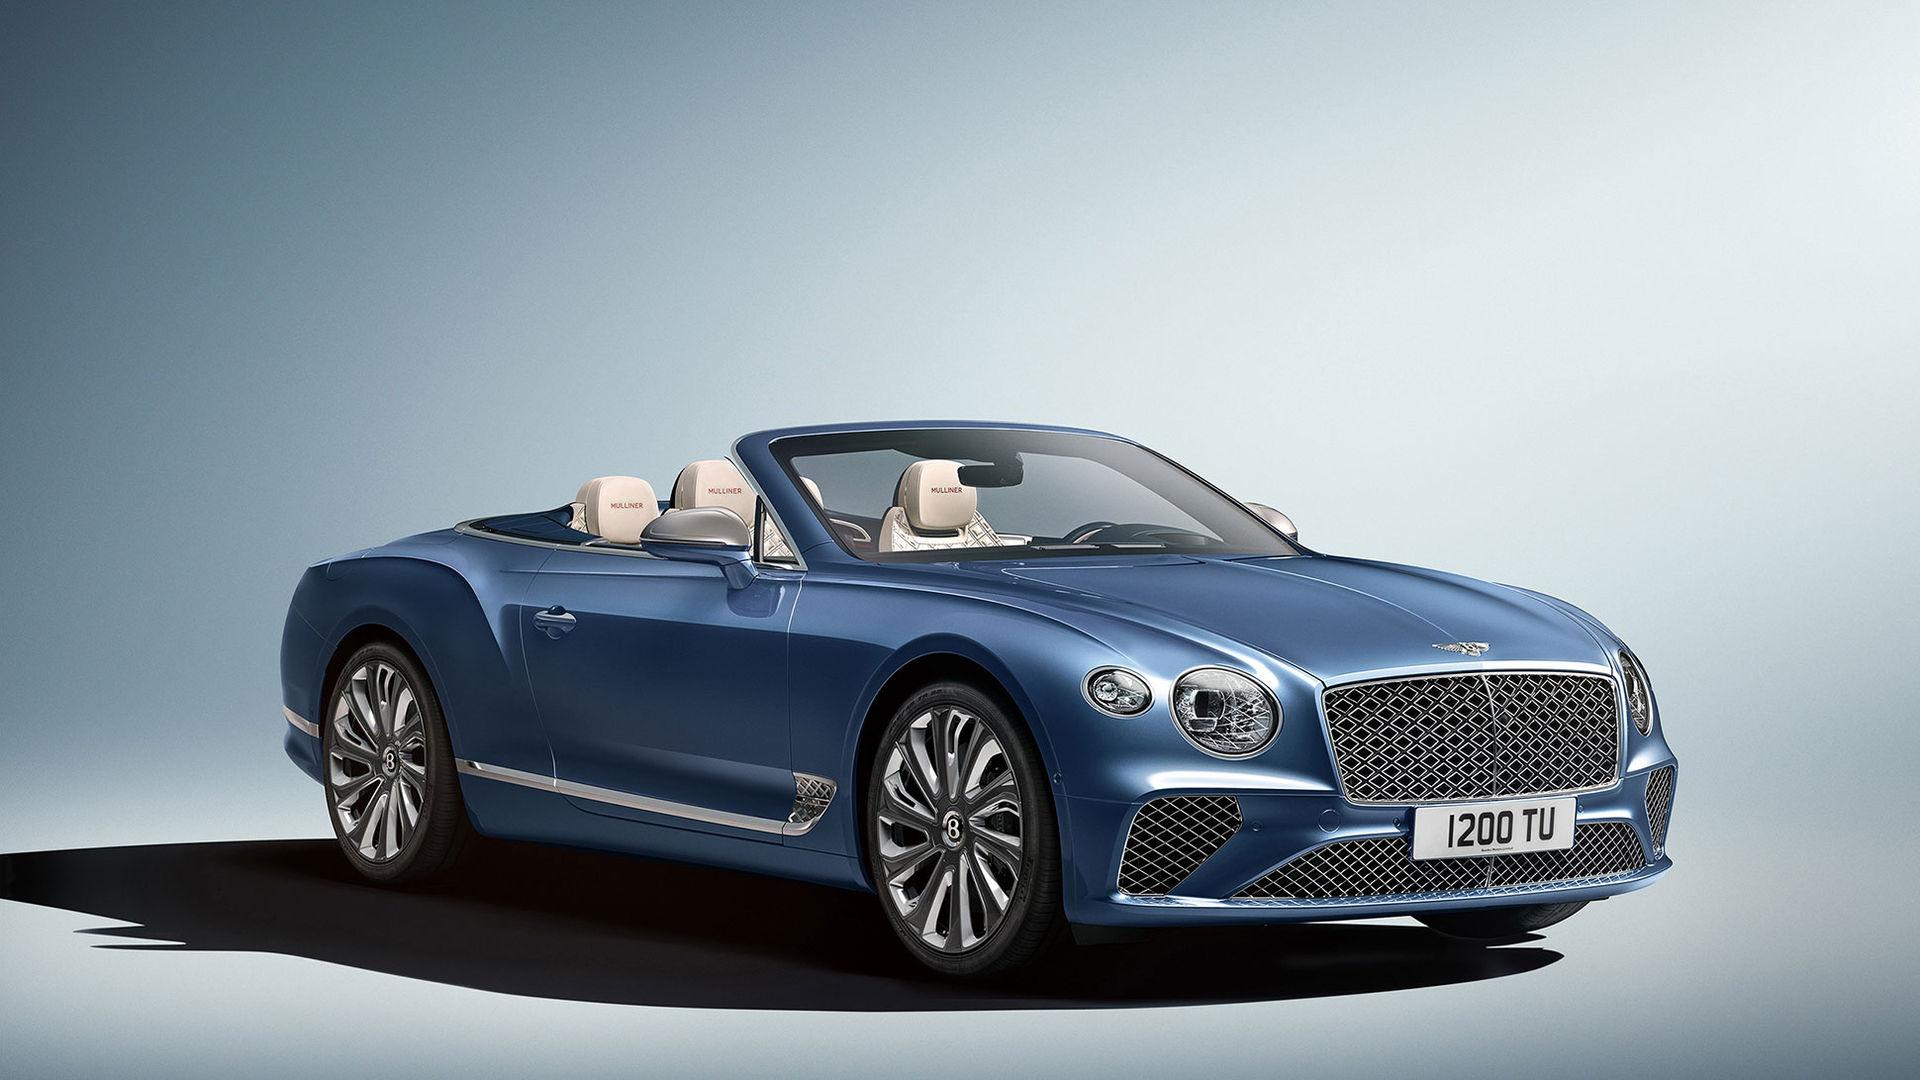 Det här är Mulliners nya Bentley Continental GT cabriolet